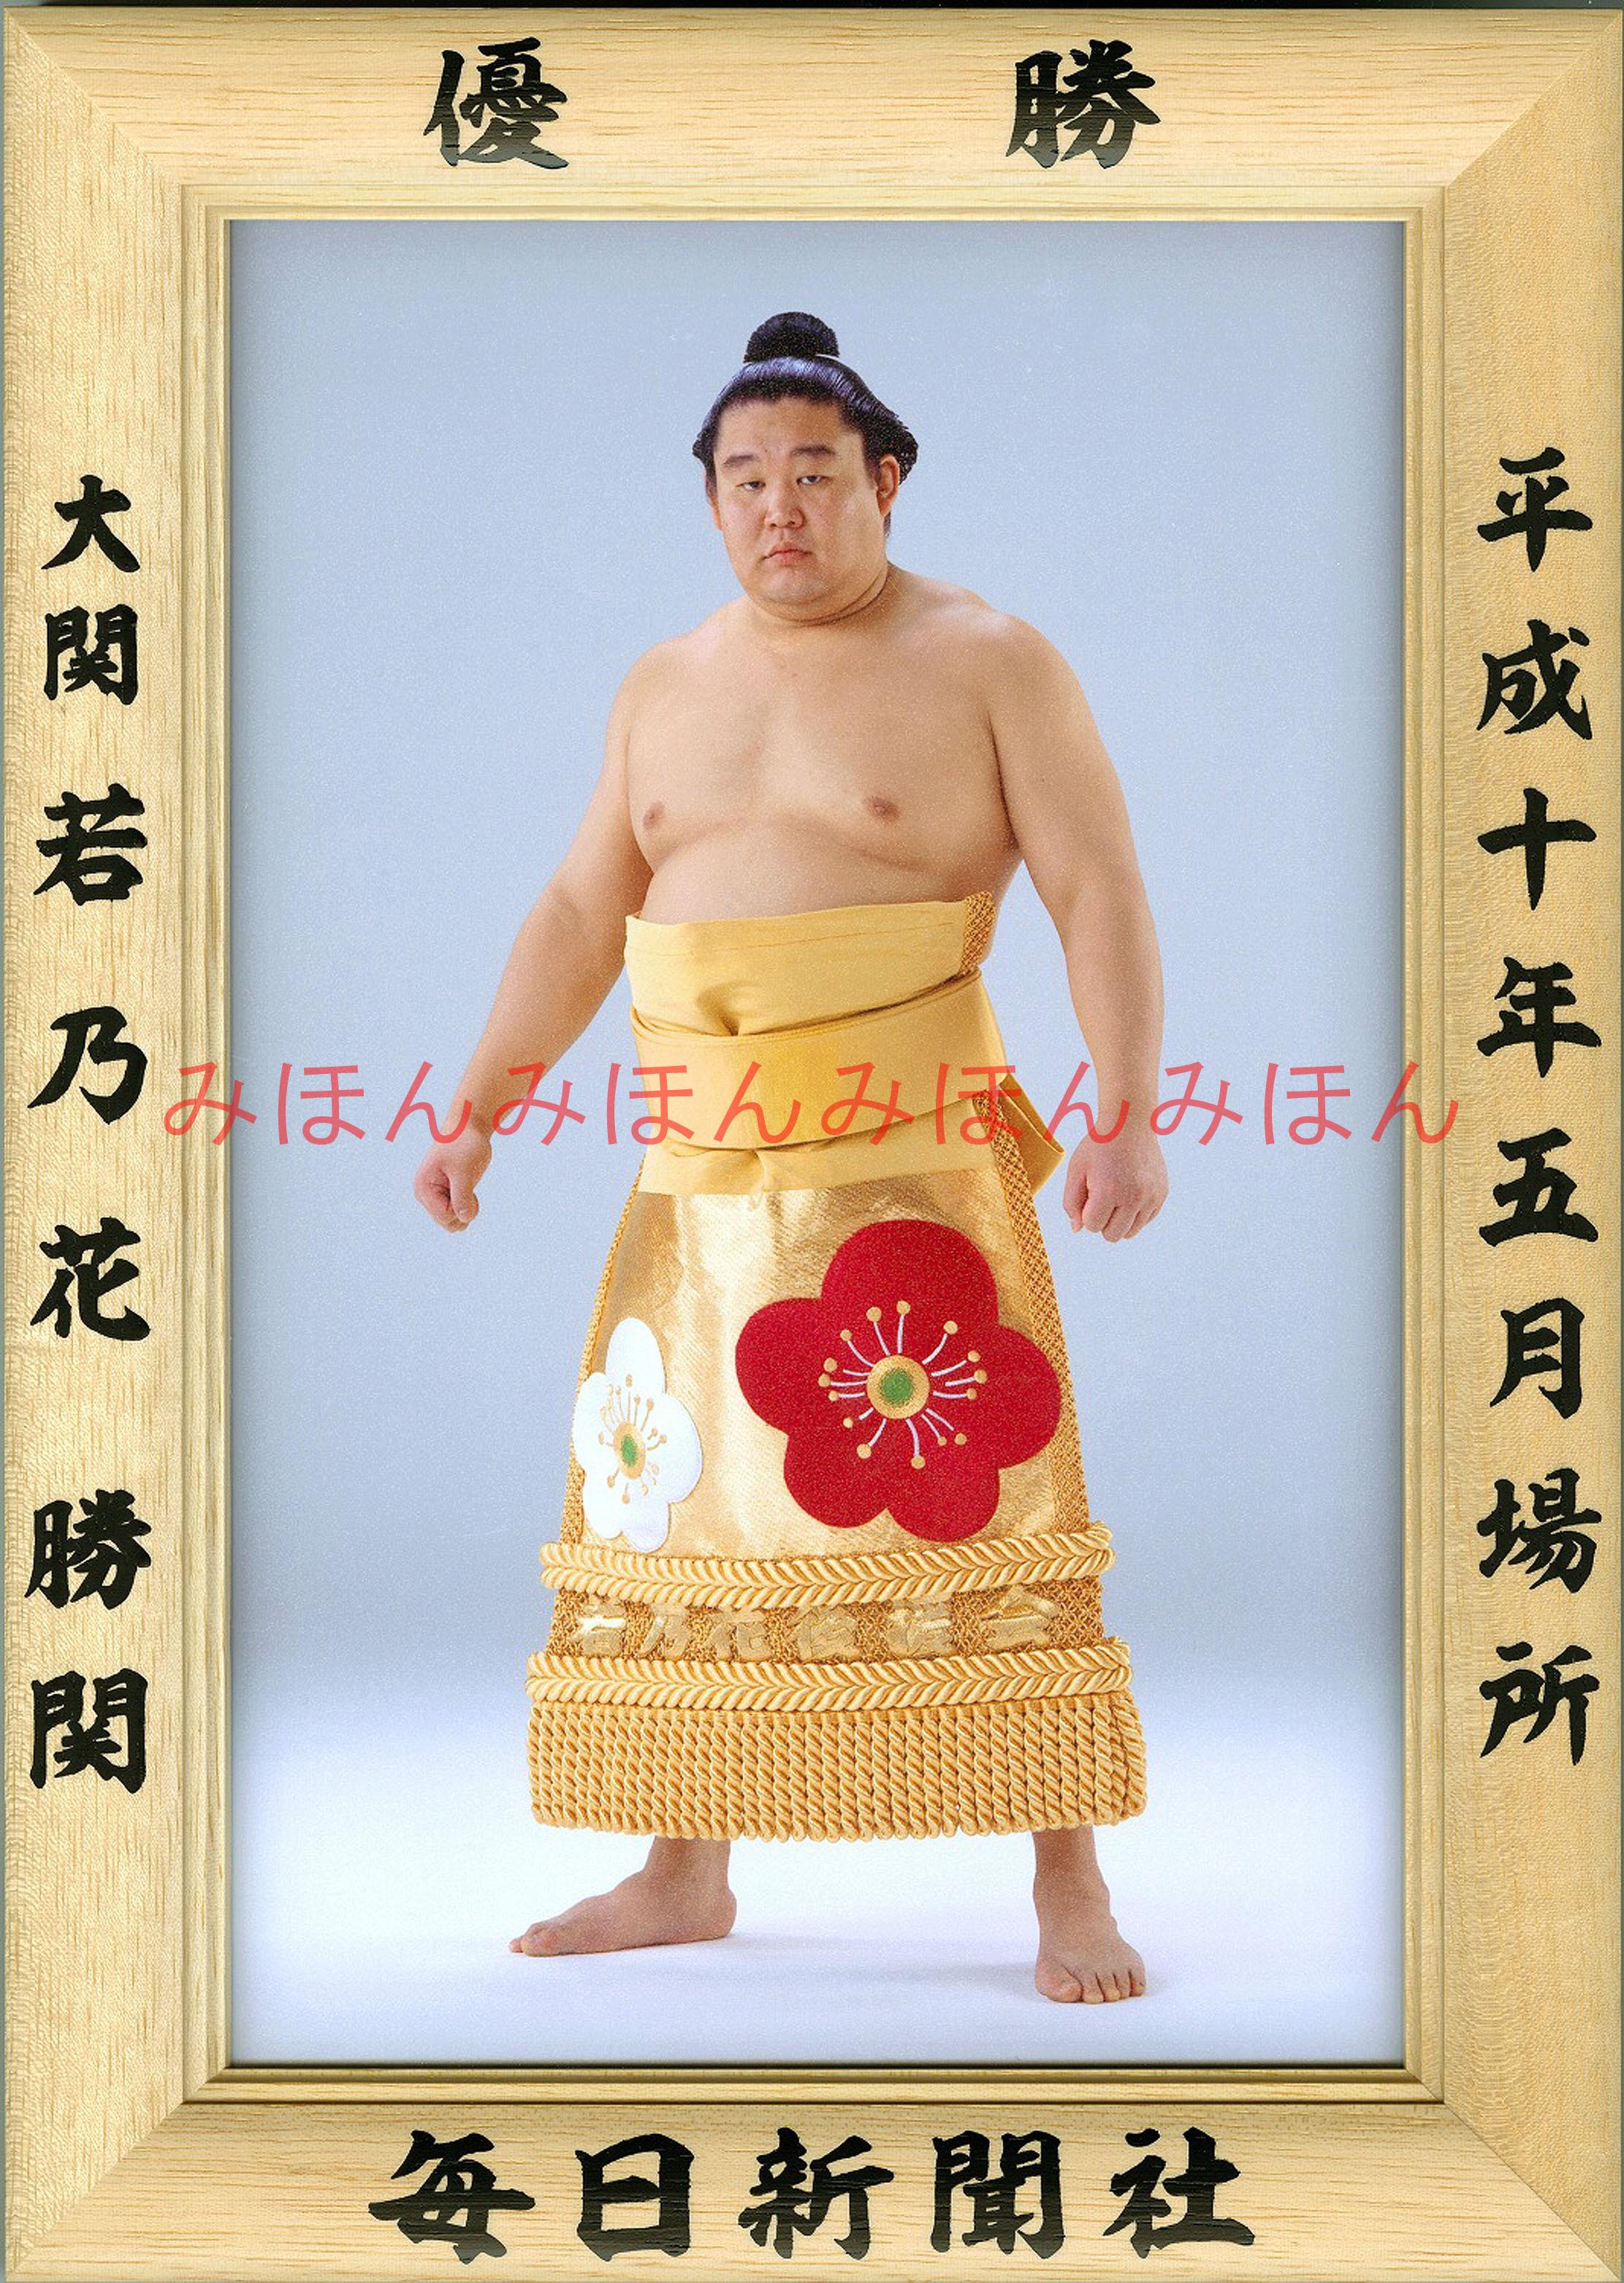 平成10年5月場所優勝 大関 若乃花勝関(5回目の優勝)